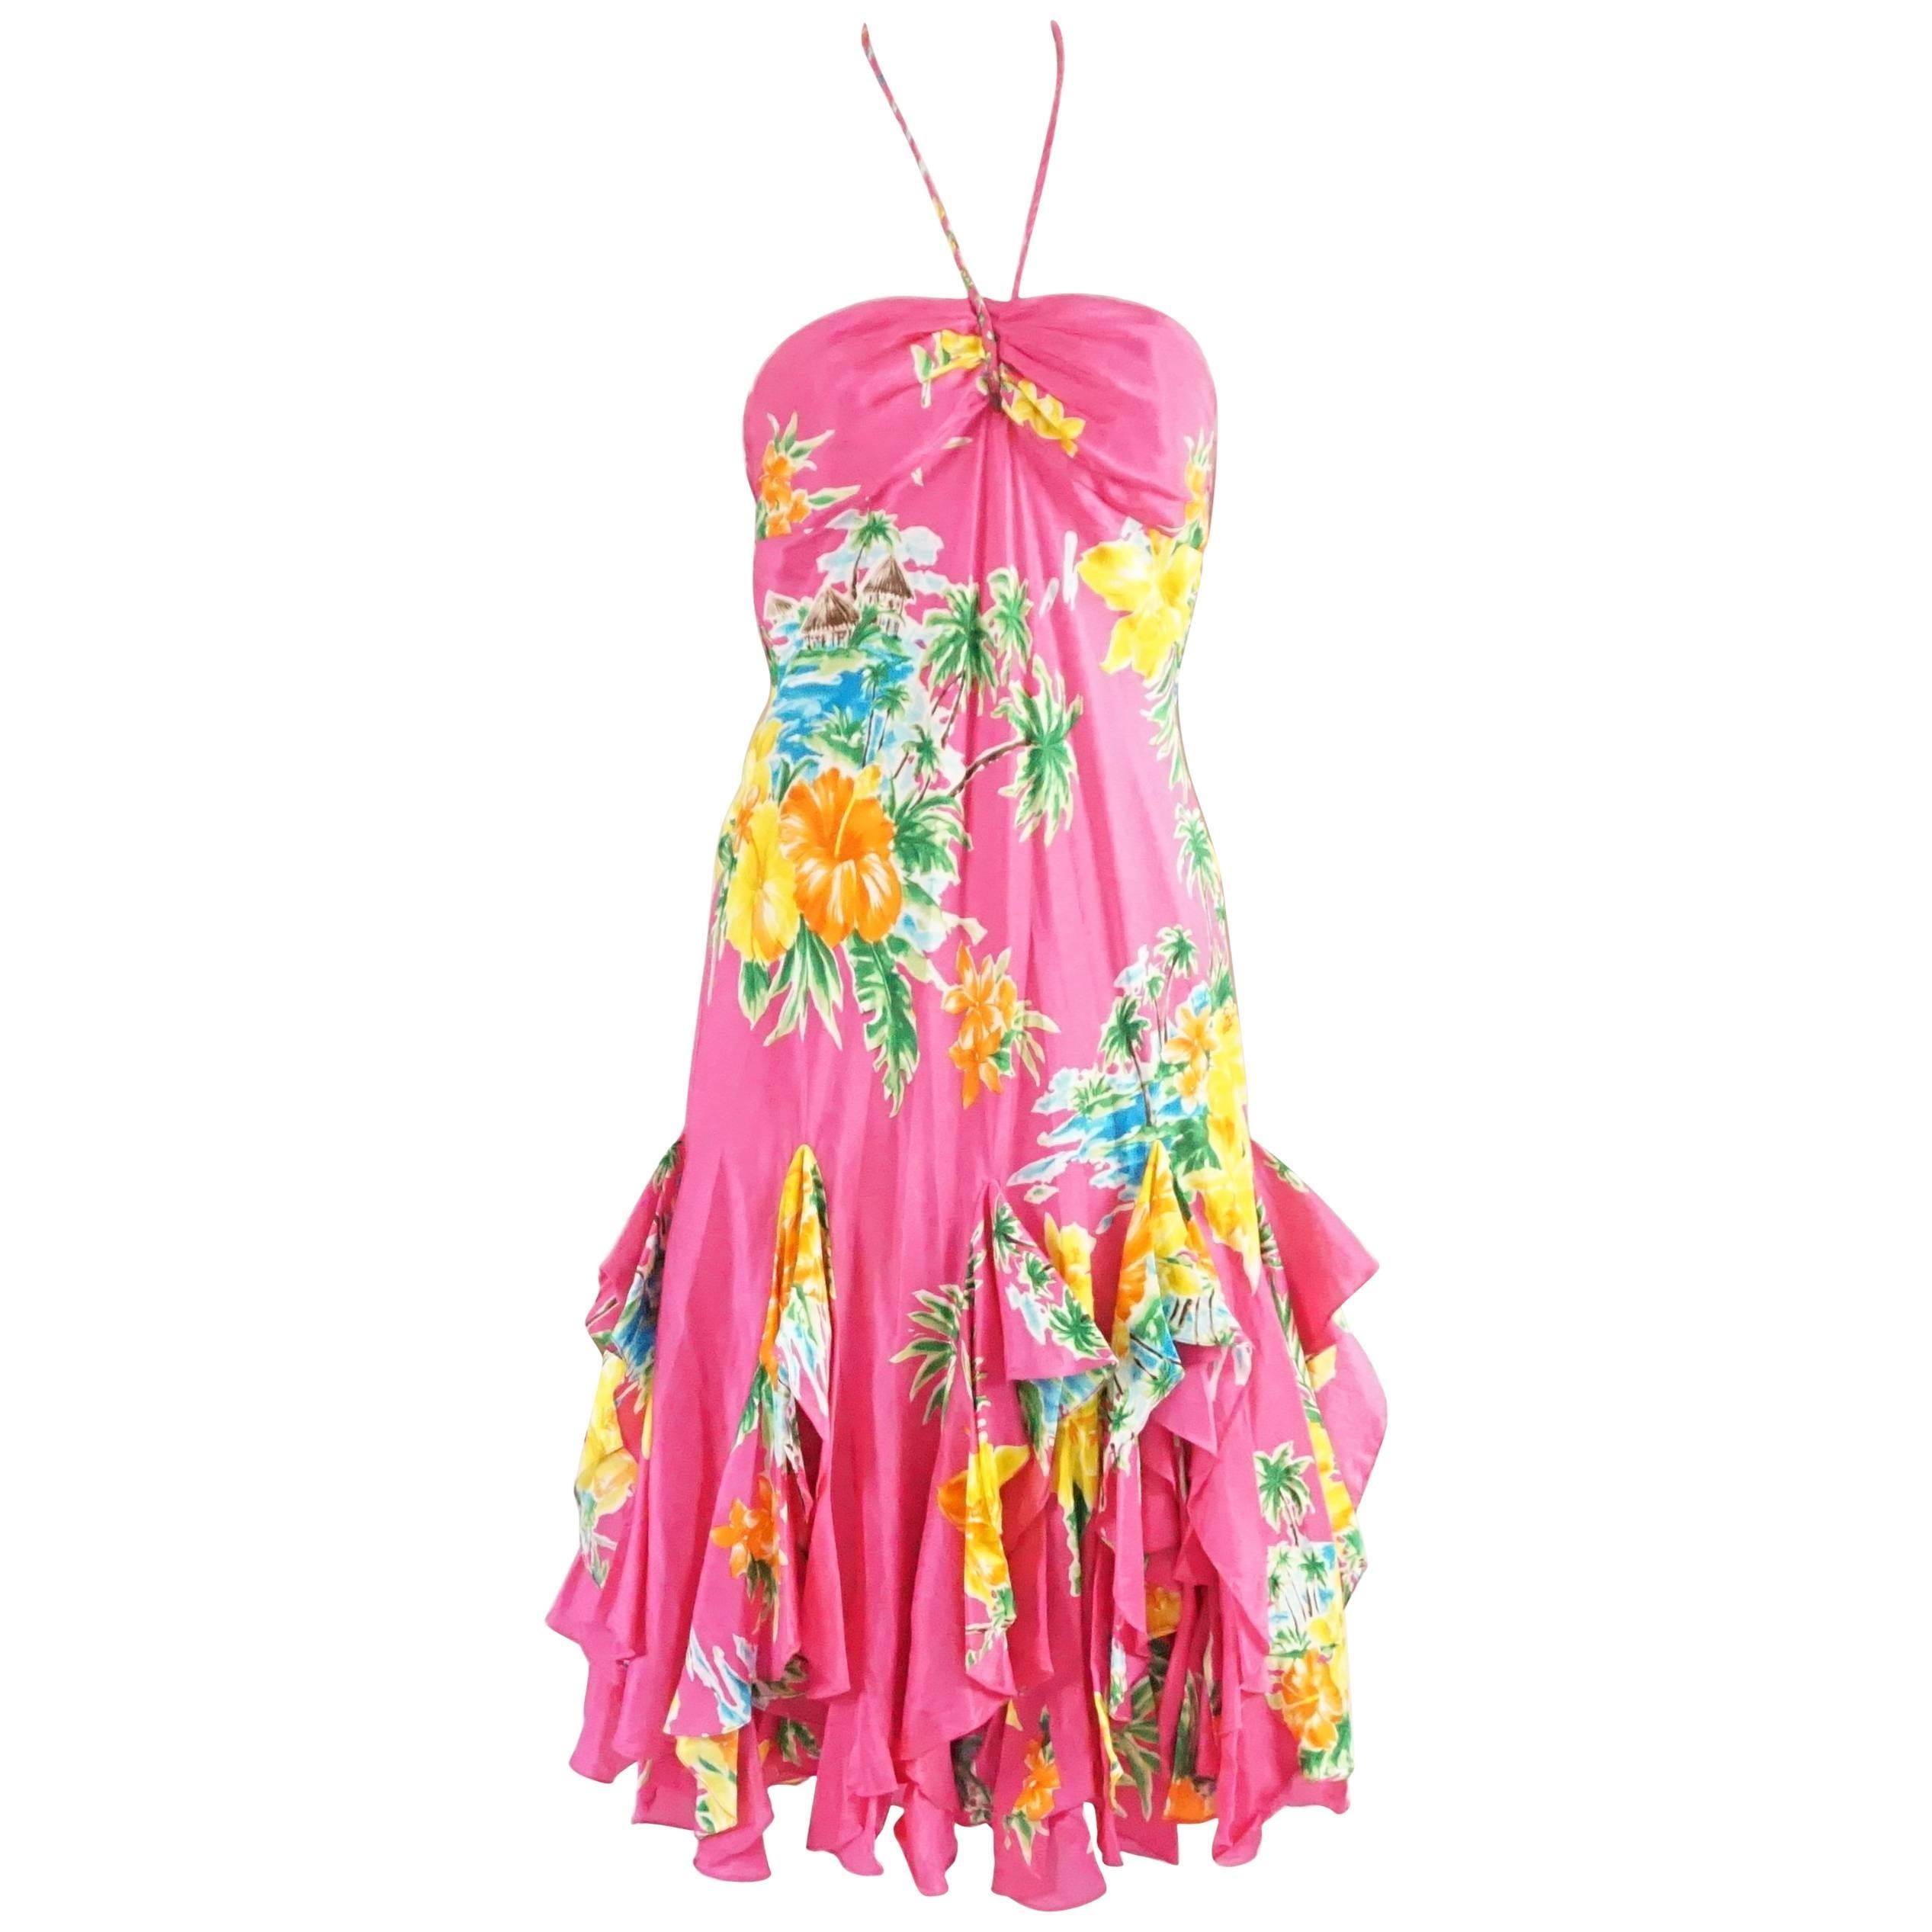 Ralph Lauren Pink Tropical Print Ruffle Dress - 4